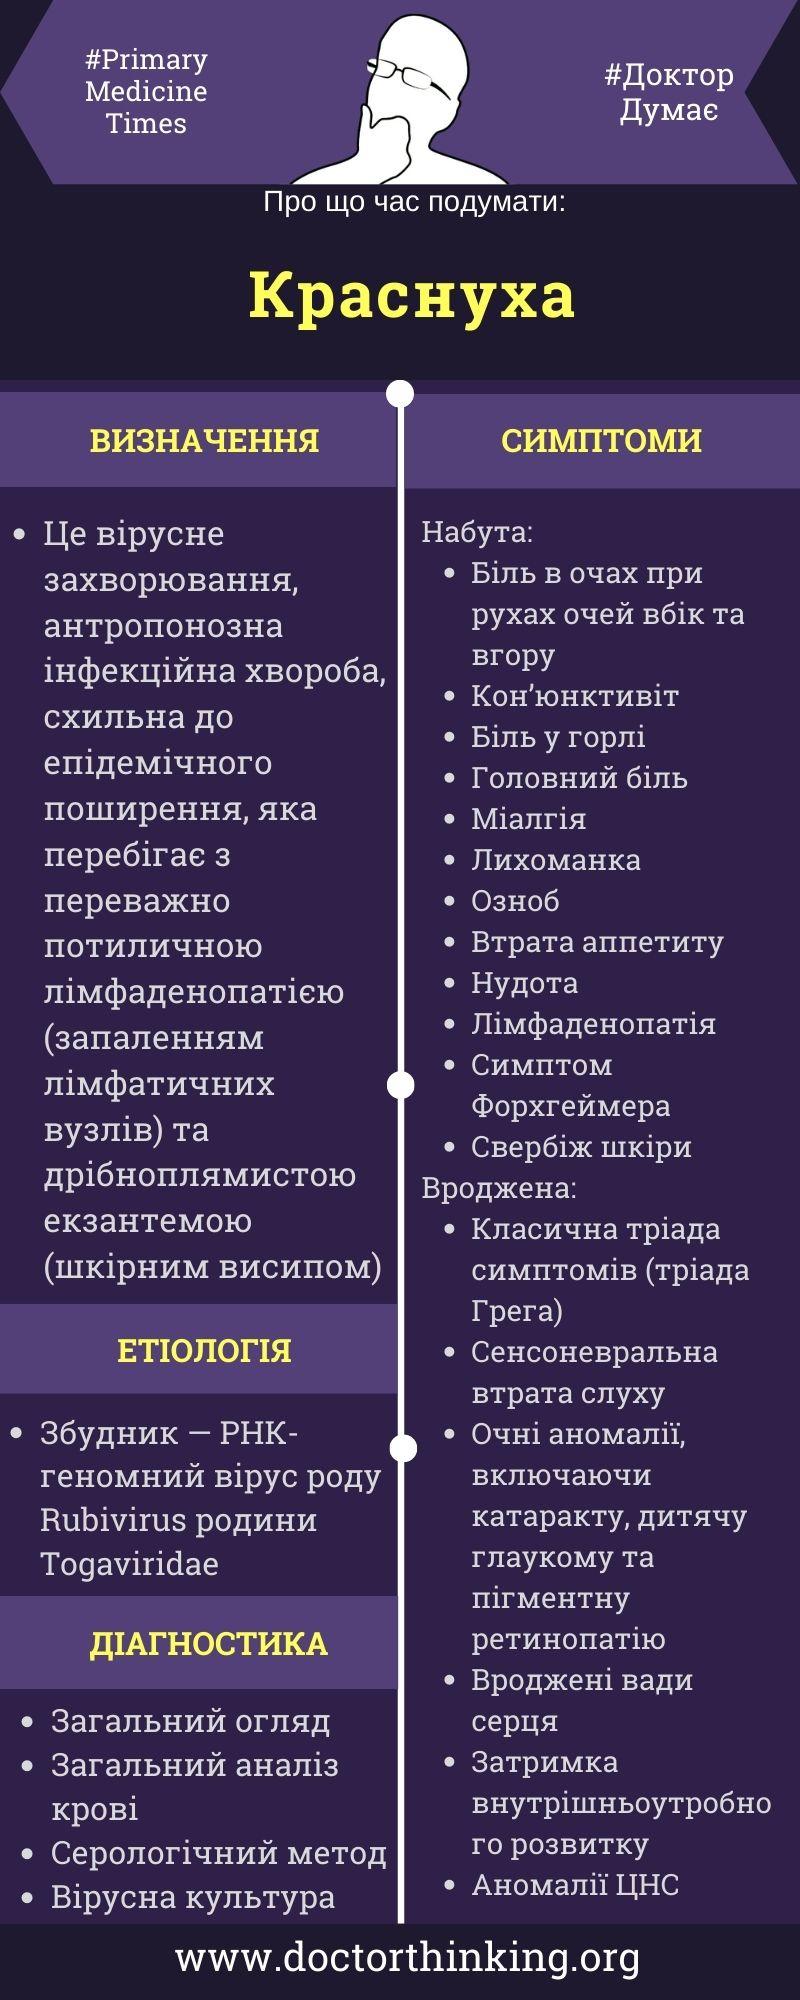 Етіологія діагностика там симптоми інфографіка краснуха